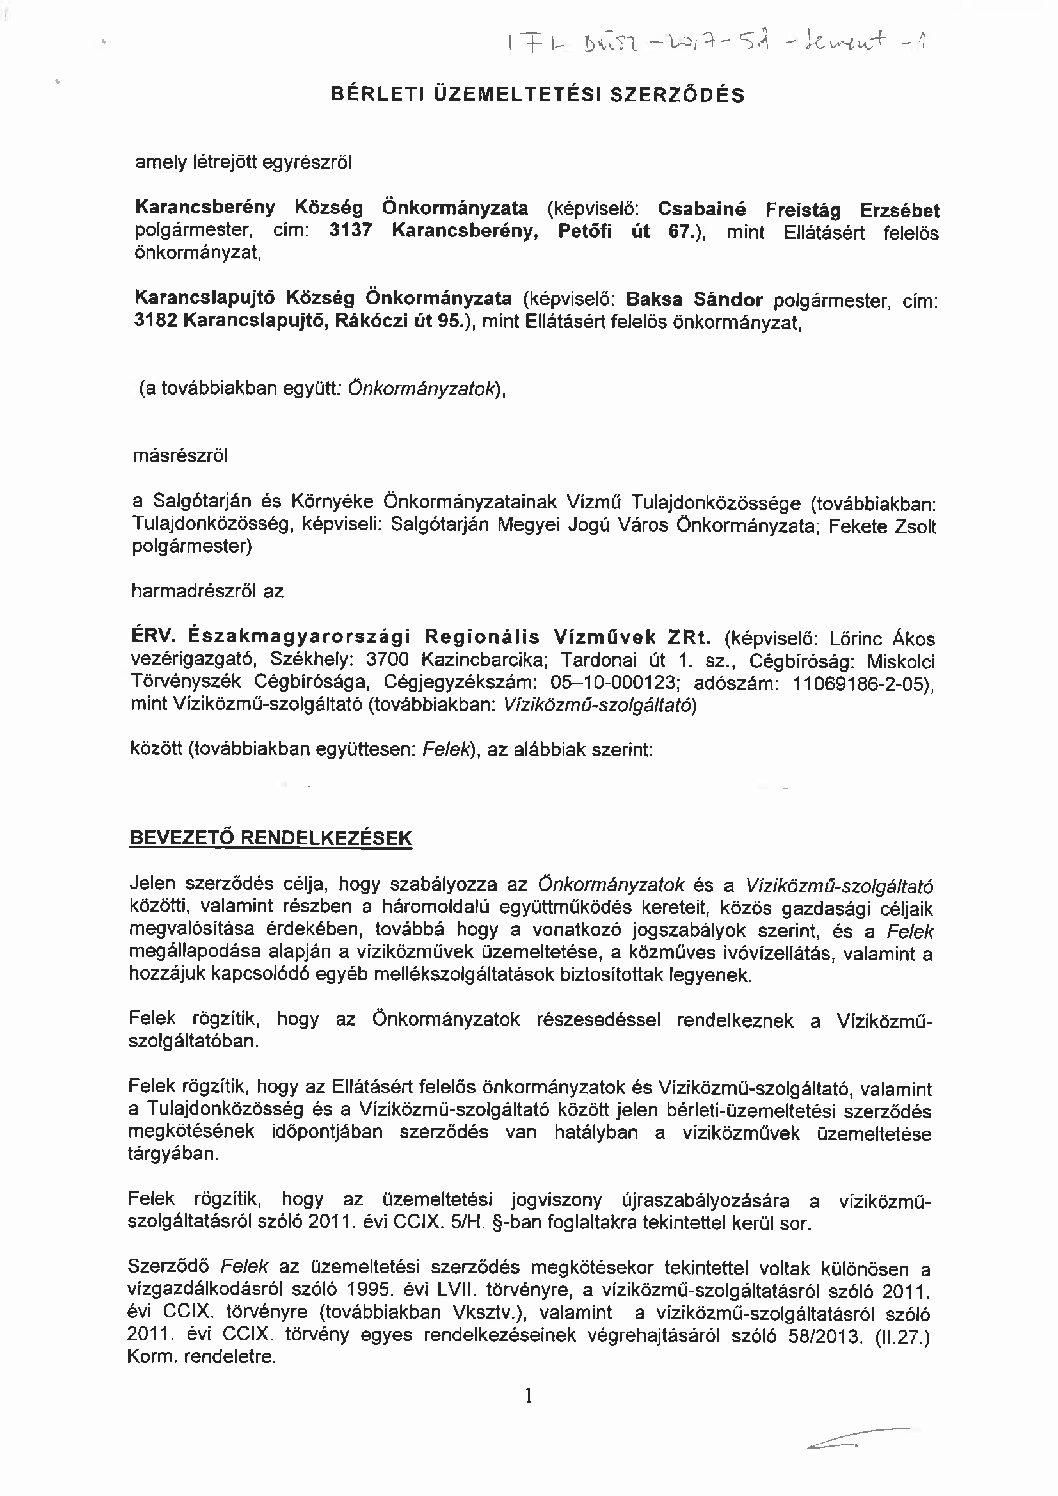 Karancsberény-Karancslapujtő víziközműrendszer (I-1-Á-5)